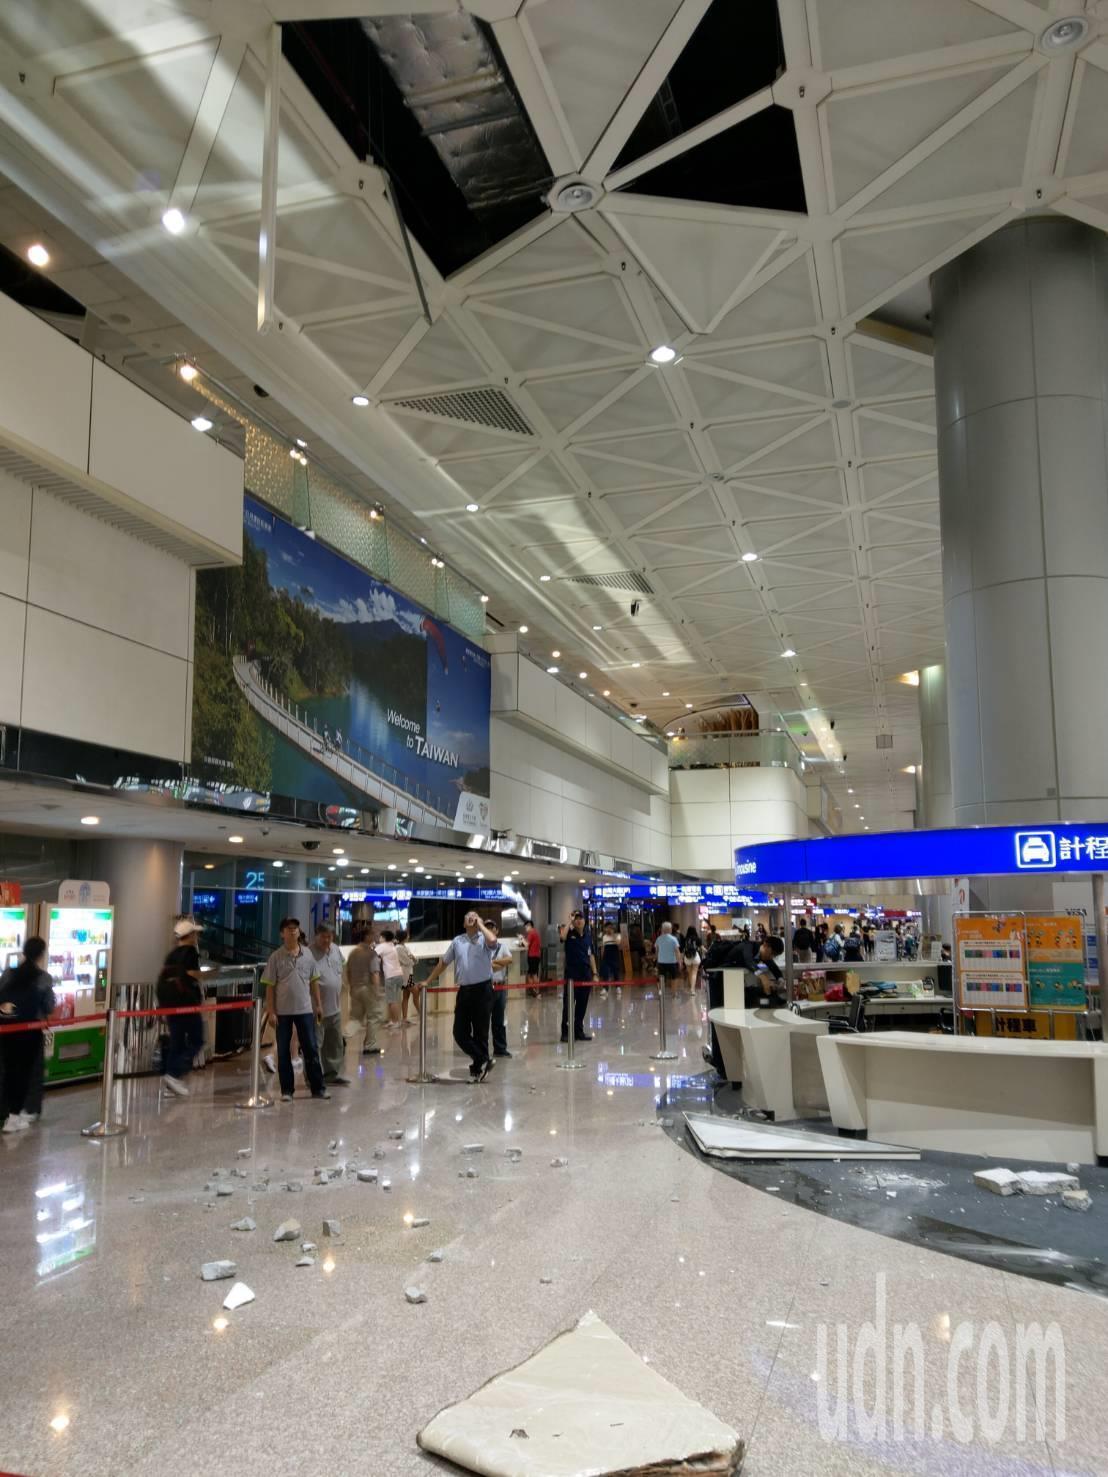 桃園機場第二航廈入境大廳南側天花板,15日晚間9時30分左右突然掉落,所幸沒有砸...